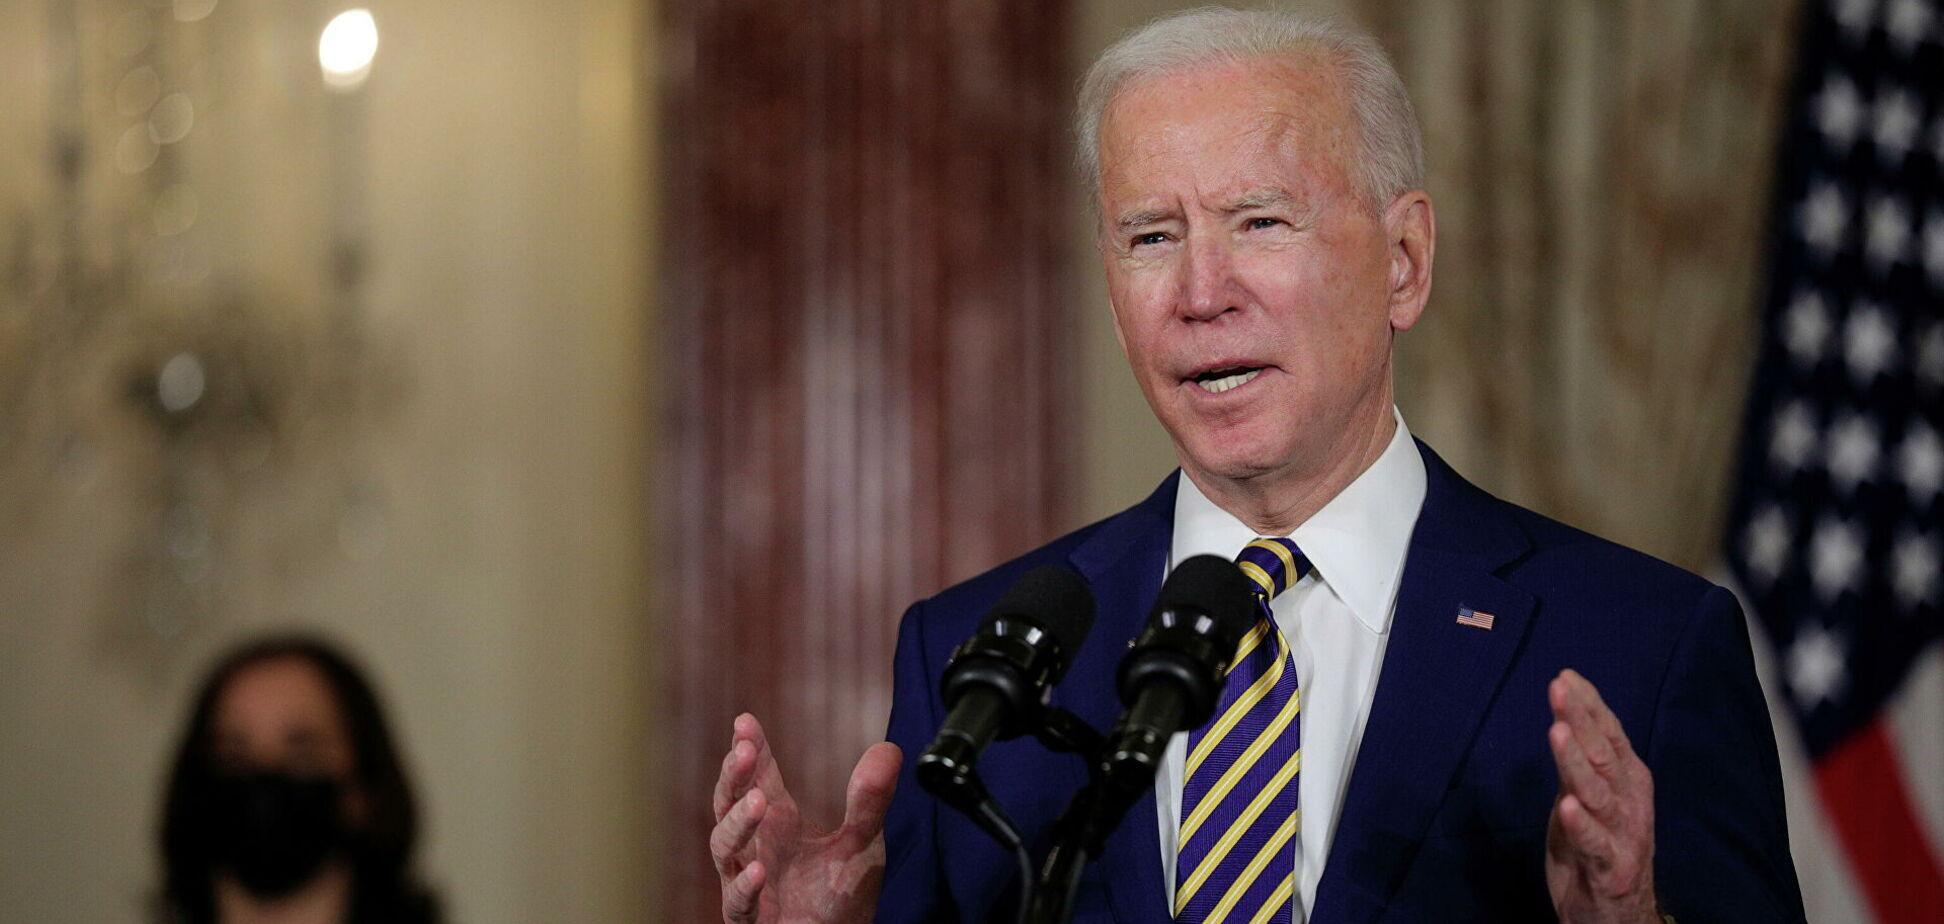 Експосол США заявив, що Байден готовий жорстко підштовхнути Україну до реформ